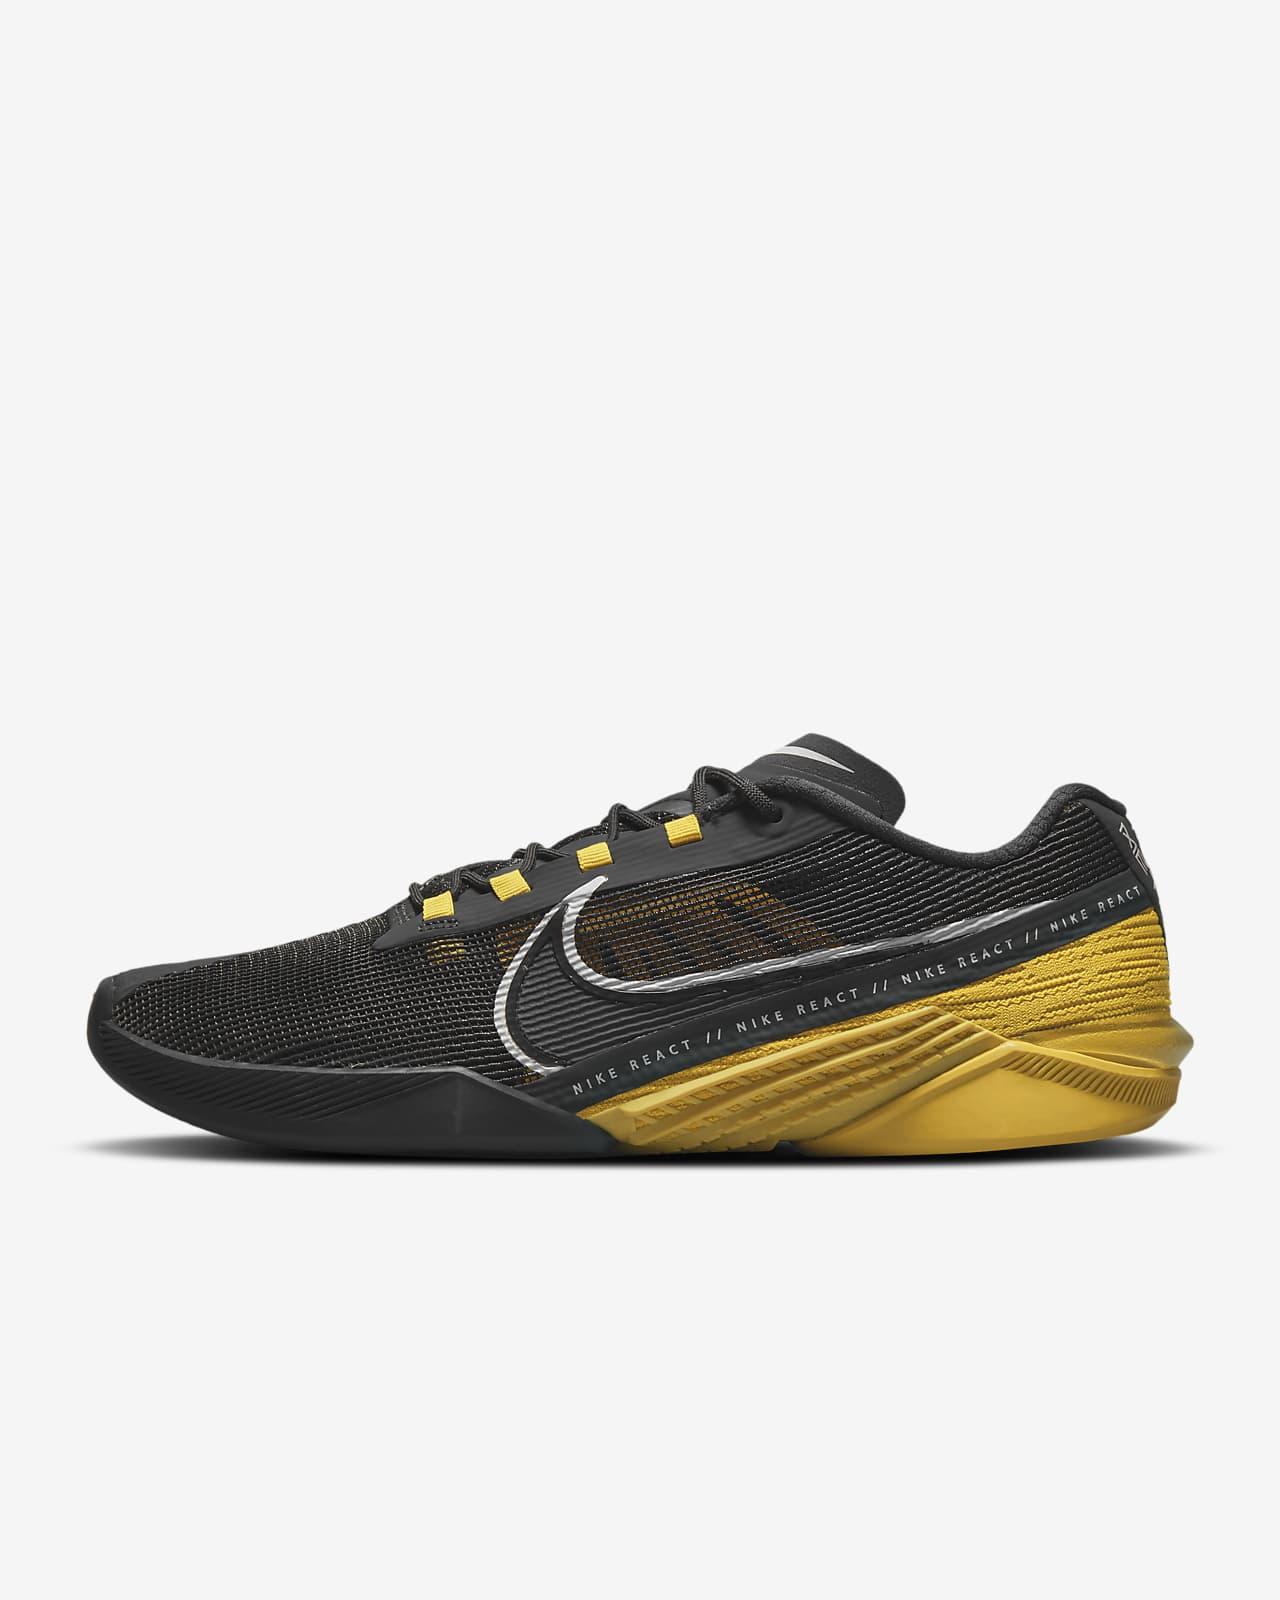 Sapatilhas de treino Nike React Metcon Turbo